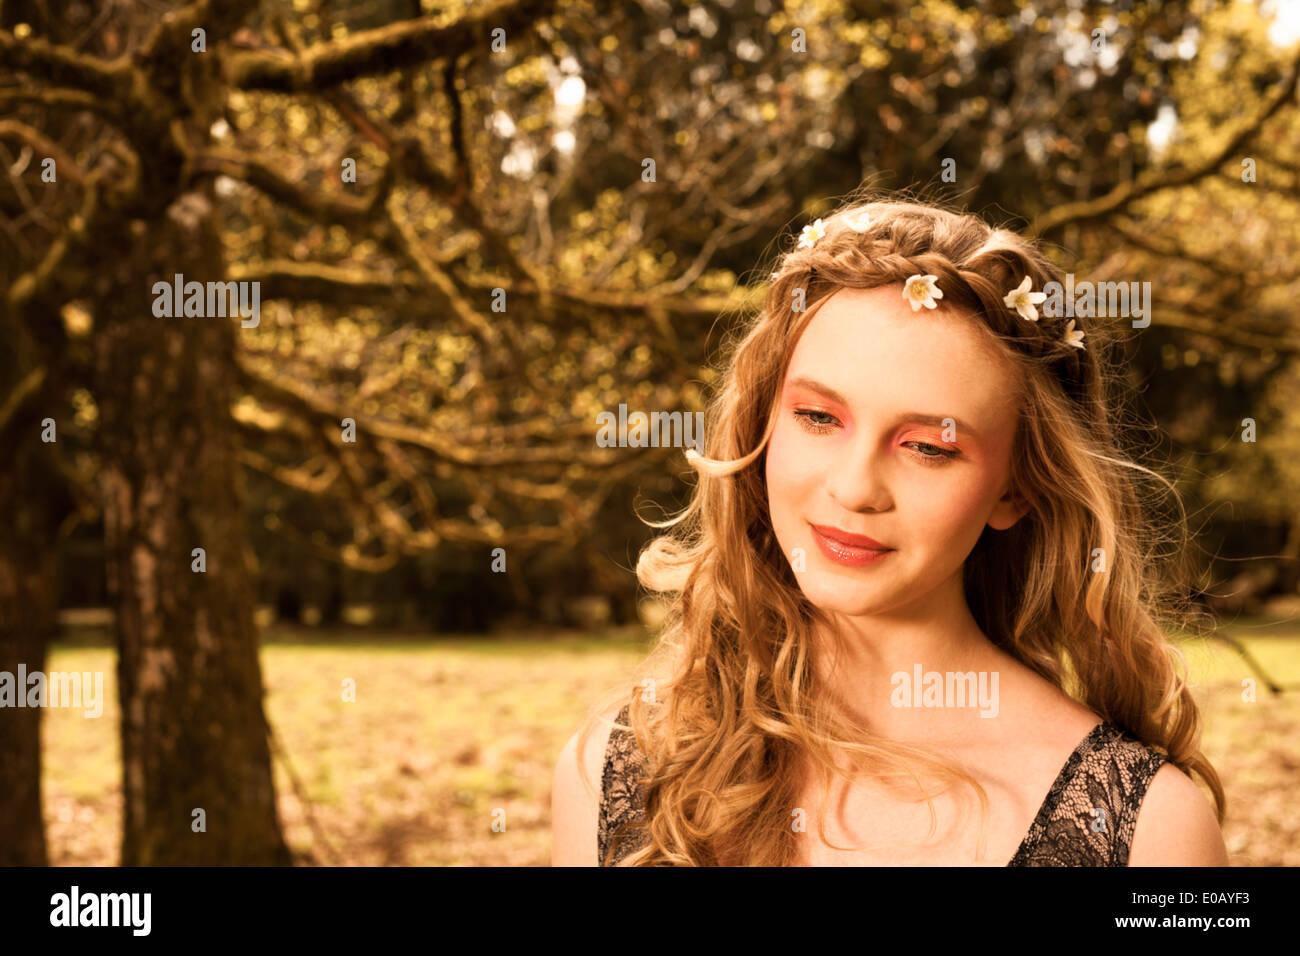 Ritratto di daydreaming giovane donna con fiori nei capelli Immagini Stock